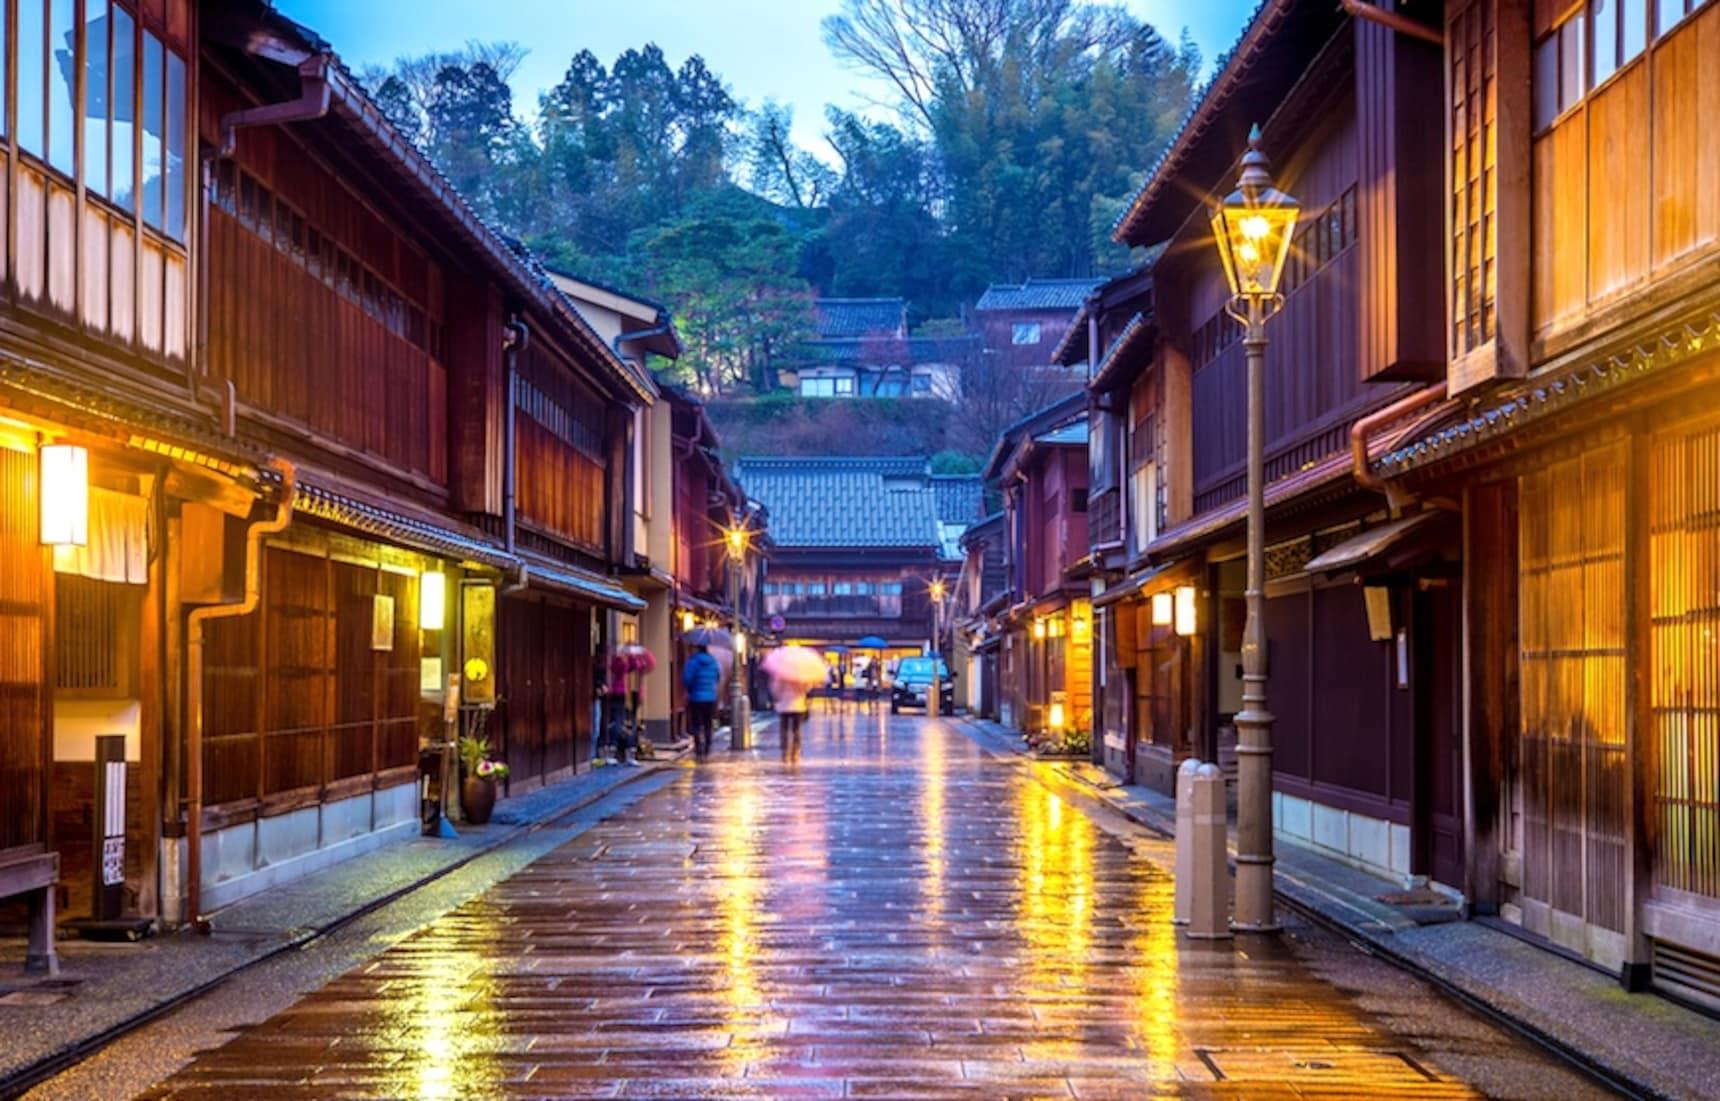 고즈넉한 분위기의 도시, 카나자와